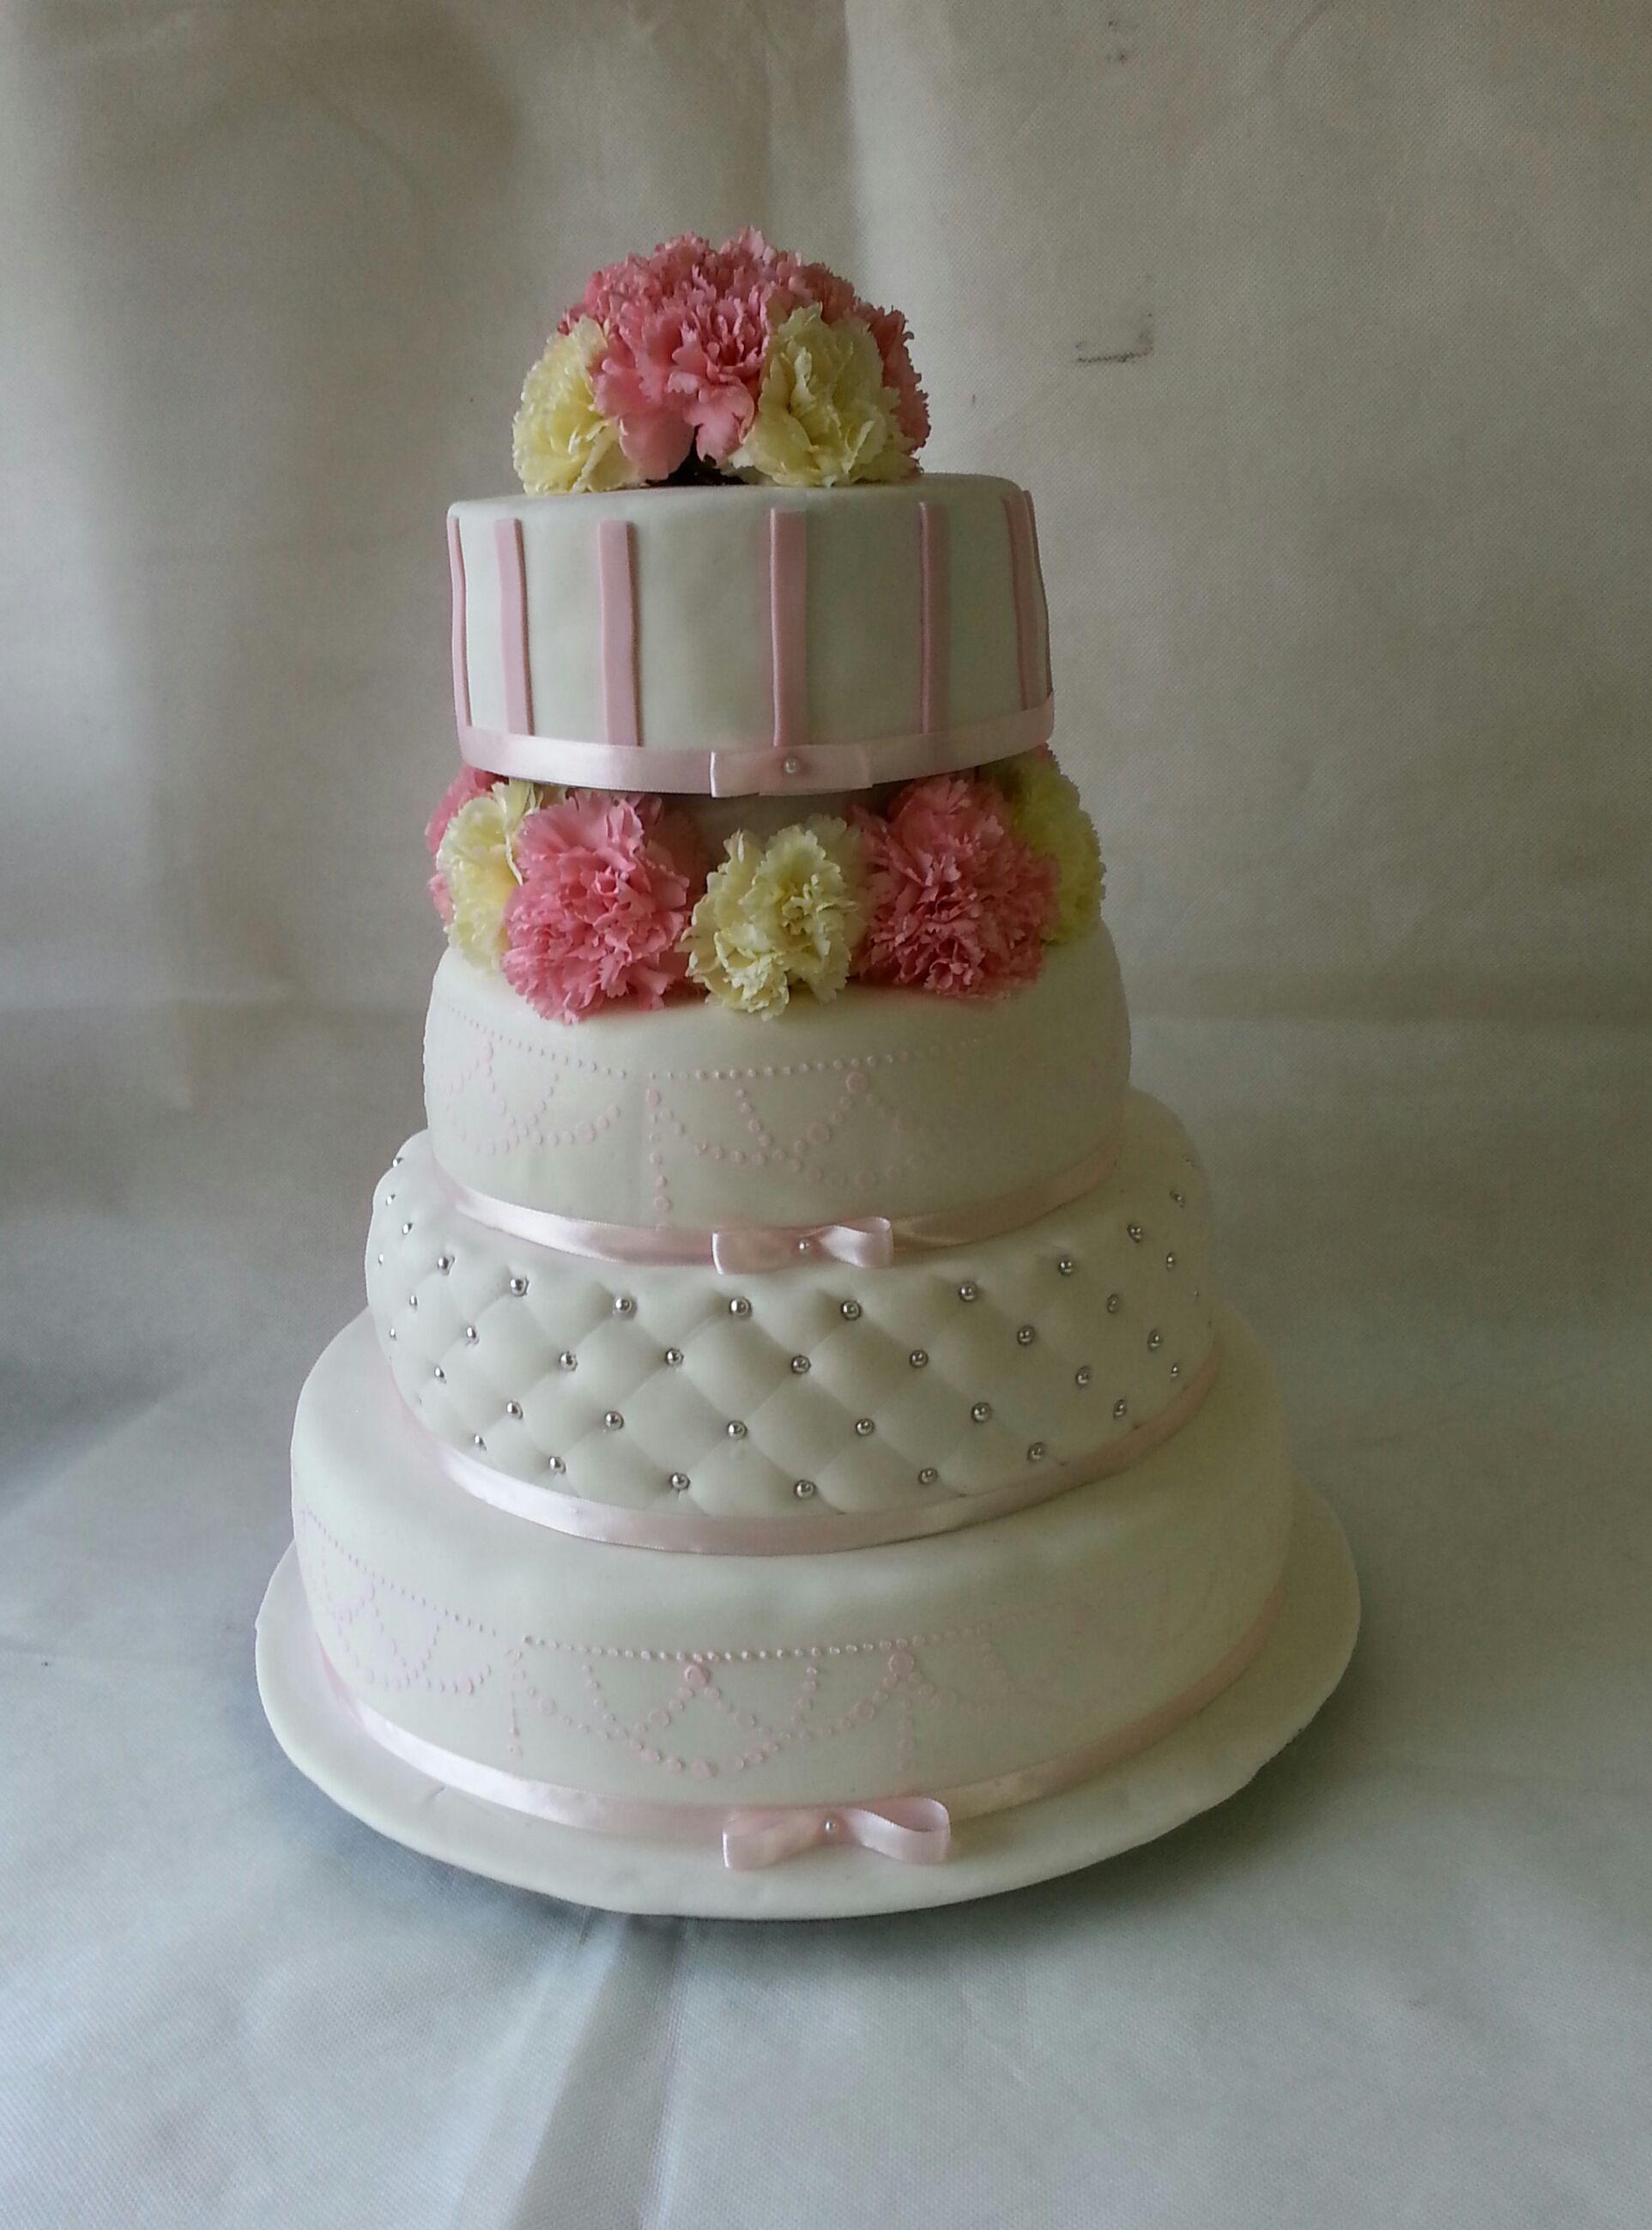 Bialo Pudrowy Tort W Stylu Angielskim Tort Weselny Z Zywymi Kwiatami Tort Weselny Z Gozdzikami Pikowanie Wstazka Cake Desserts Food